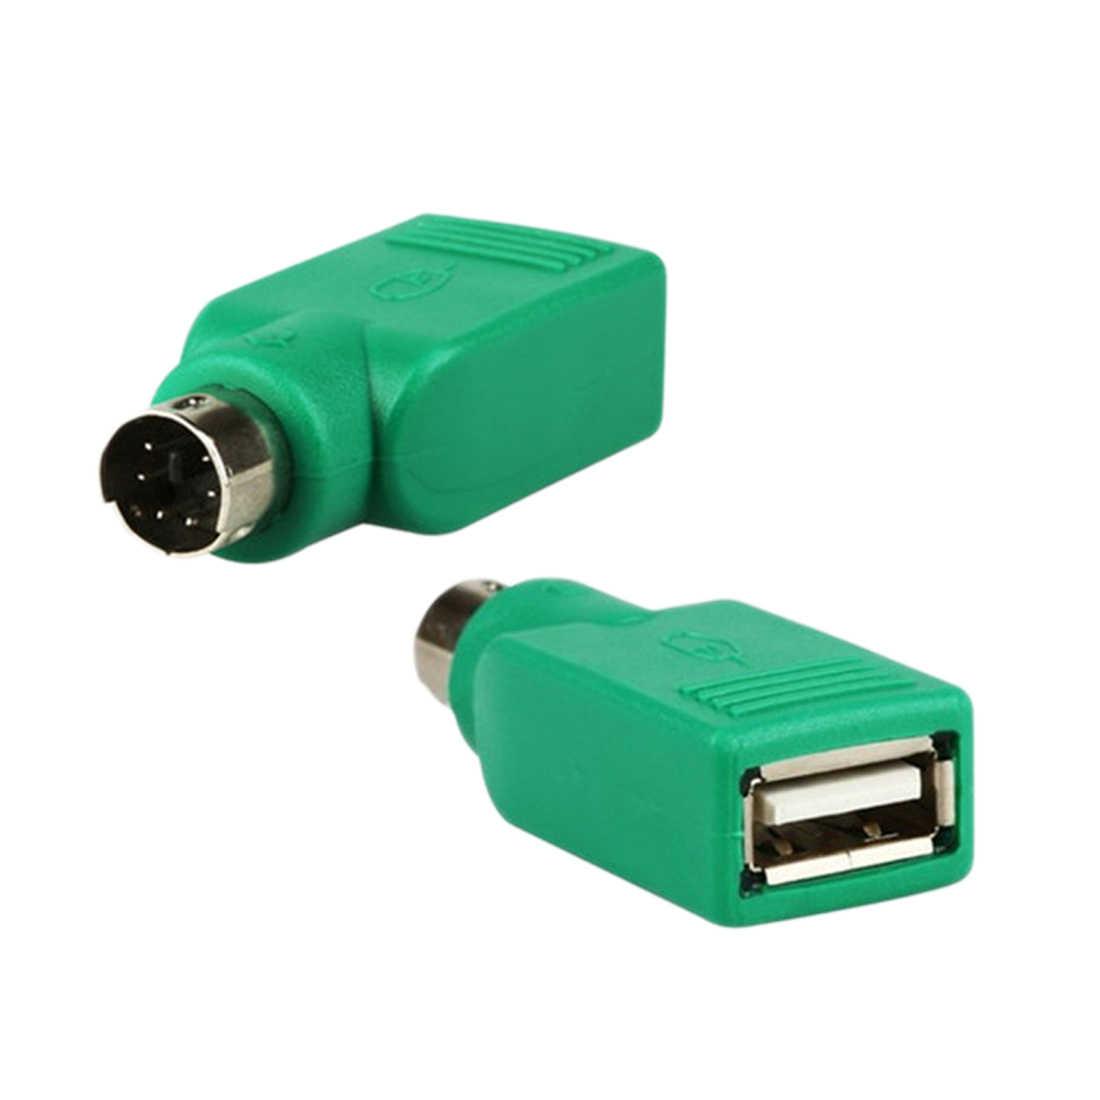 2019 Новый 31 см Высокое качество USB к PS/2 кабель адаптер конвертер Мышь Клавиатура конвертер адаптер для PS2 интерфейс разъем купить на AliExpress